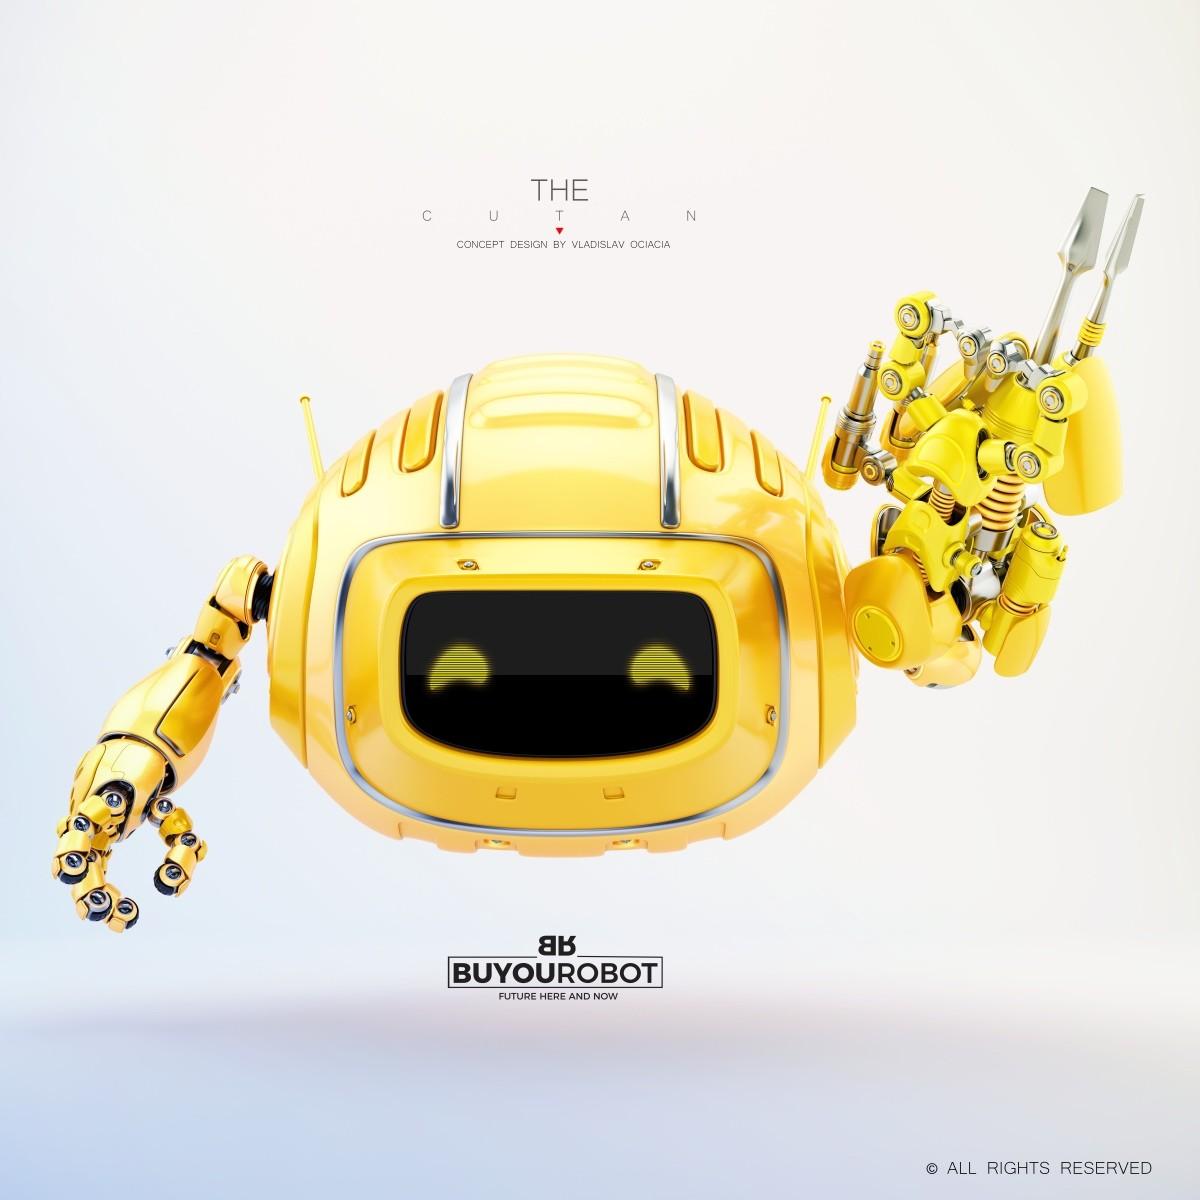 Vladislav ociacia combat cutan robot 10